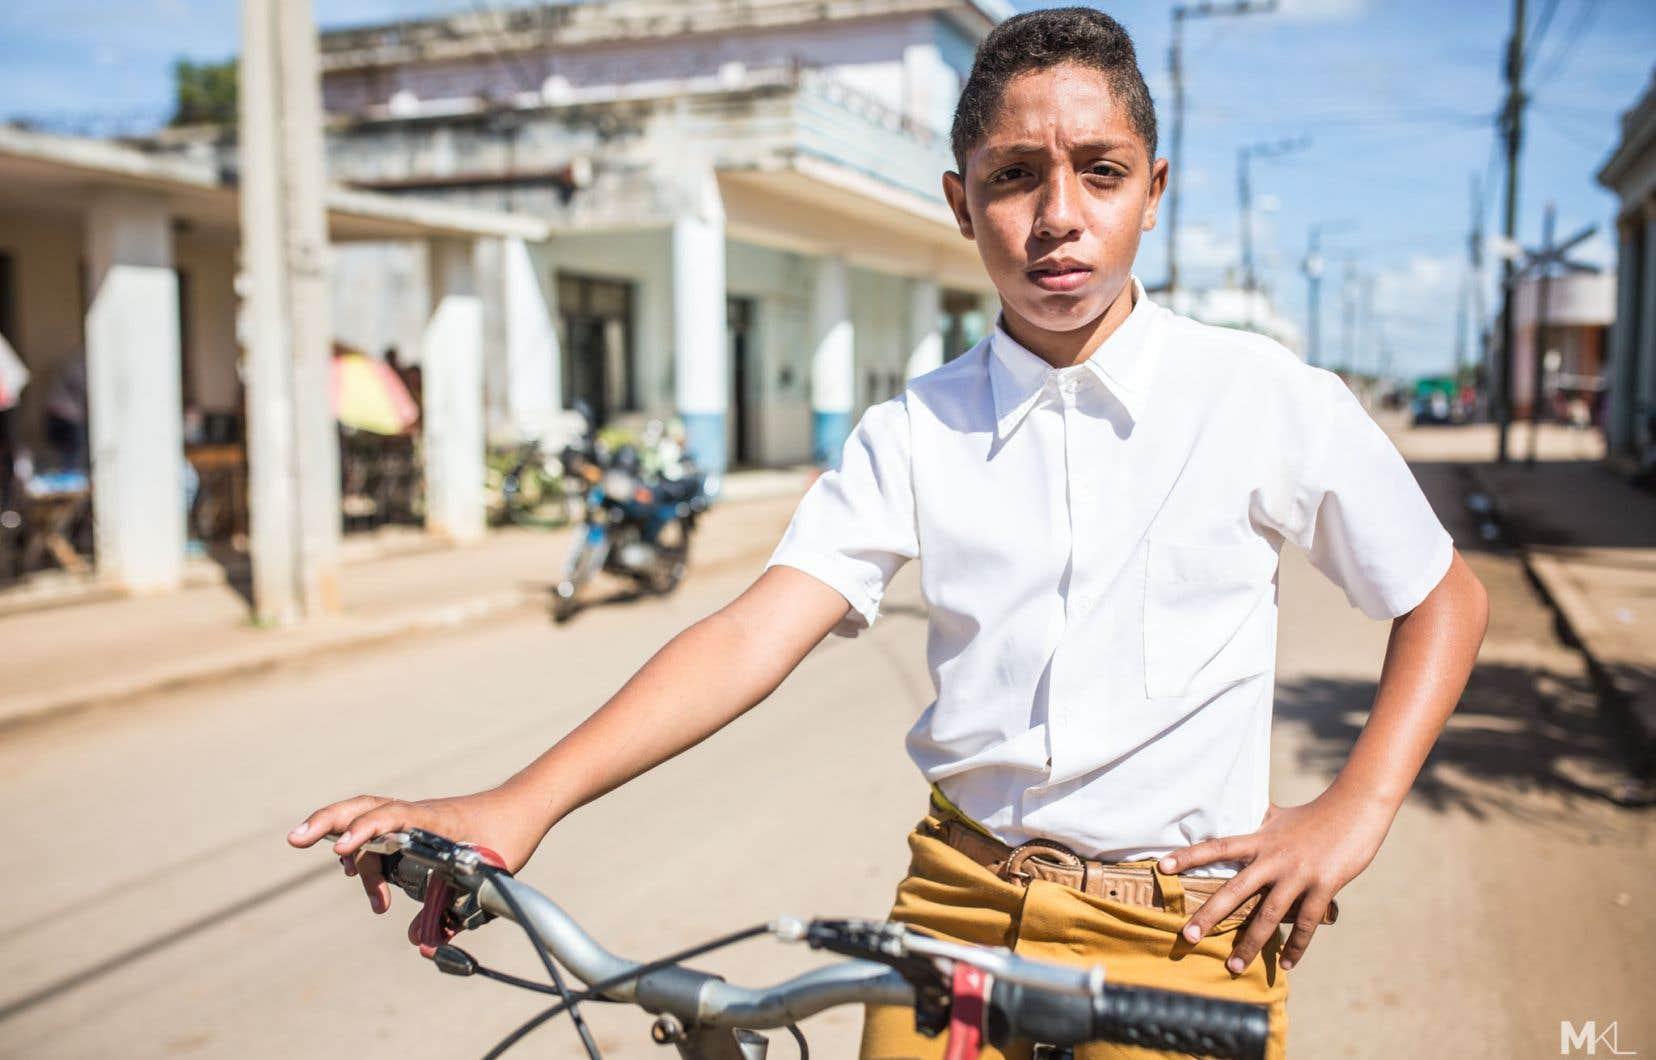 Kevin Luis Sirva Gonzalez, 13 ans, est élève en huitième année au lycée Capitan San Luis. «J'habite à 2 km de l'école, dit-il. Avant, j'allais à pied à l'école et je me sentais très fatigué. Quelquefois, j'arrivais en retard et je ne pouvais pas déjeuner. Le vélo m'a permis d'arriver plus tôt à l'école, moins fatigué. J'ai plus de temps pour faire mes devoirs.»